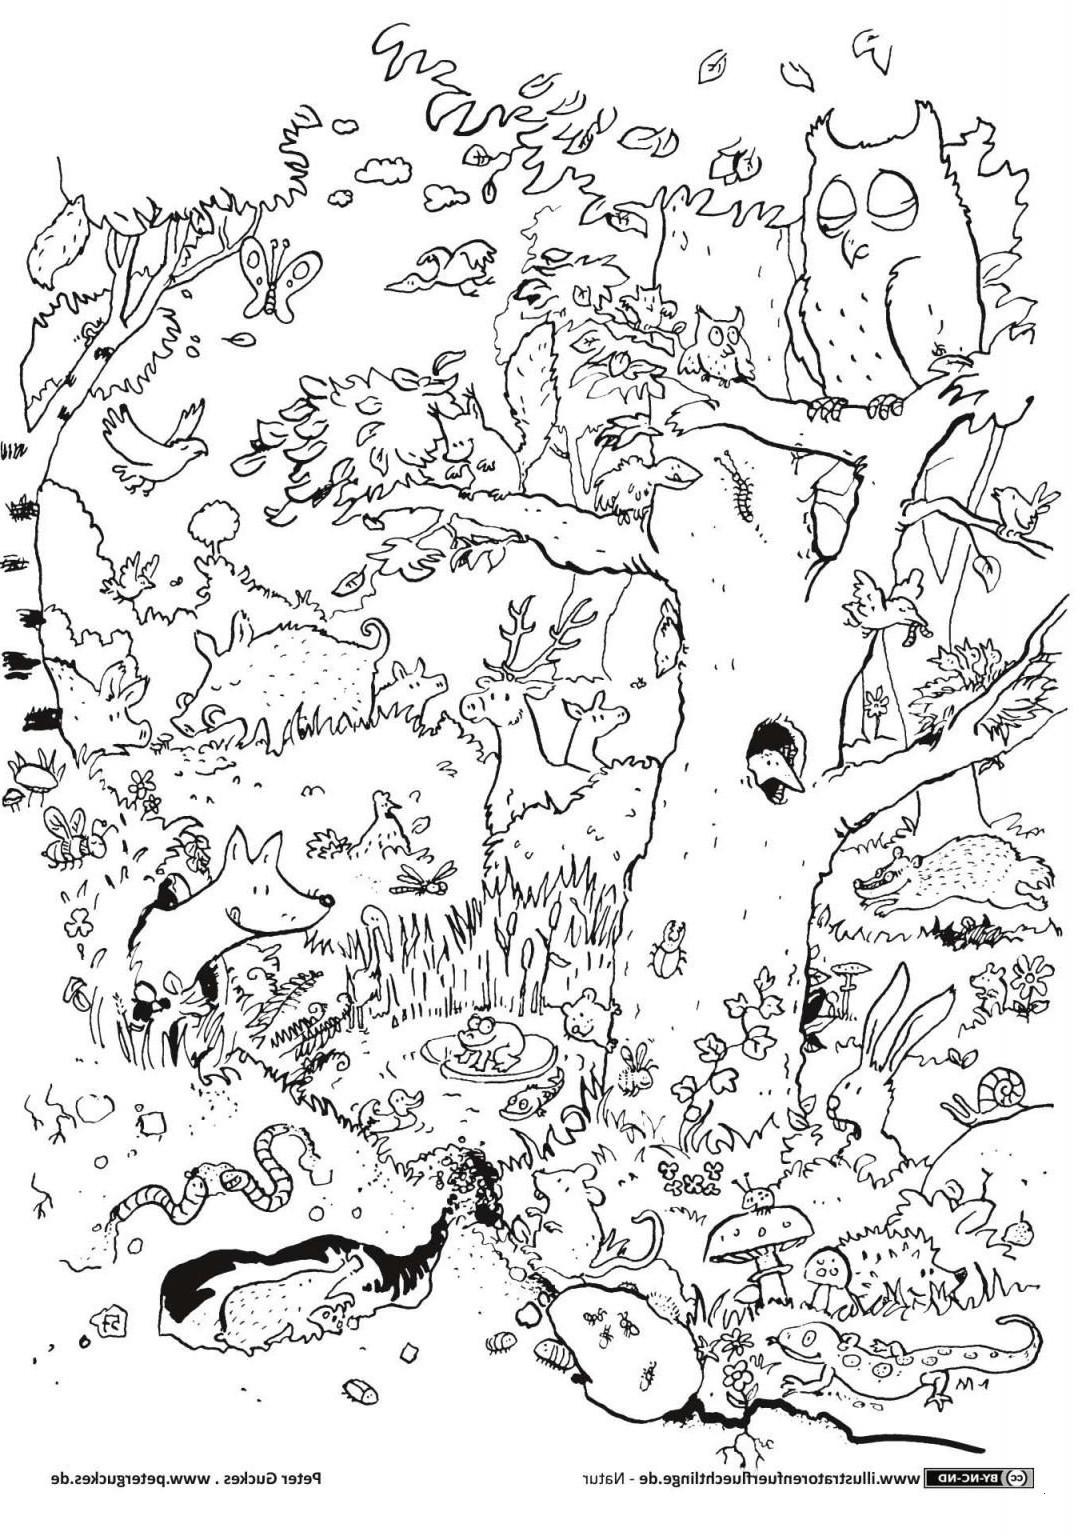 Pokemon sonne Und Mond Ausmalbilder Frisch 31 Lecker Pokemon Ausmalbilder Evoli – Große Coloring Page Sammlung Sammlung